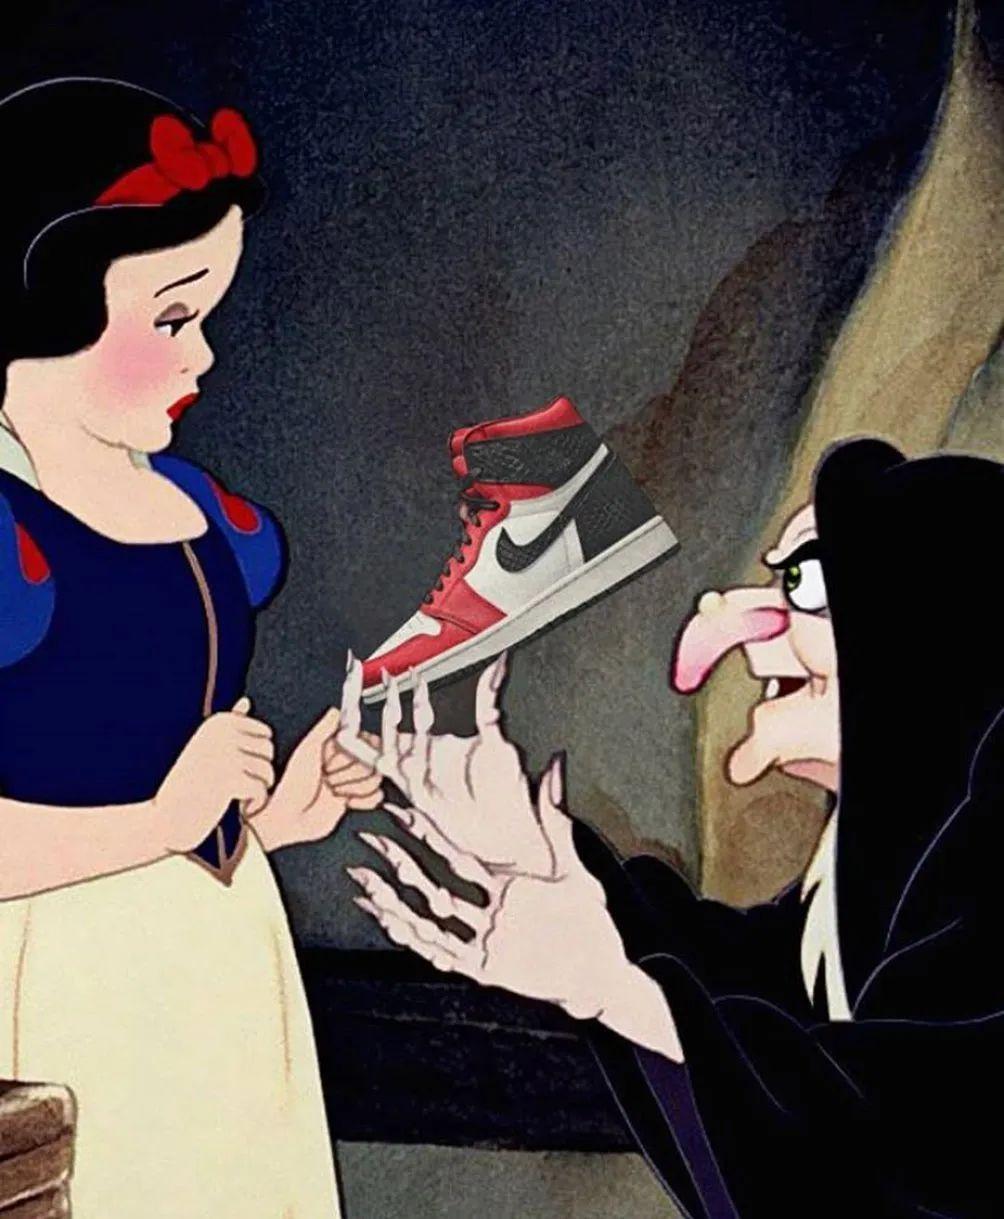 呕!1秒抢光,天猫抢球鞋已不是人机大战,机机神仙打架?